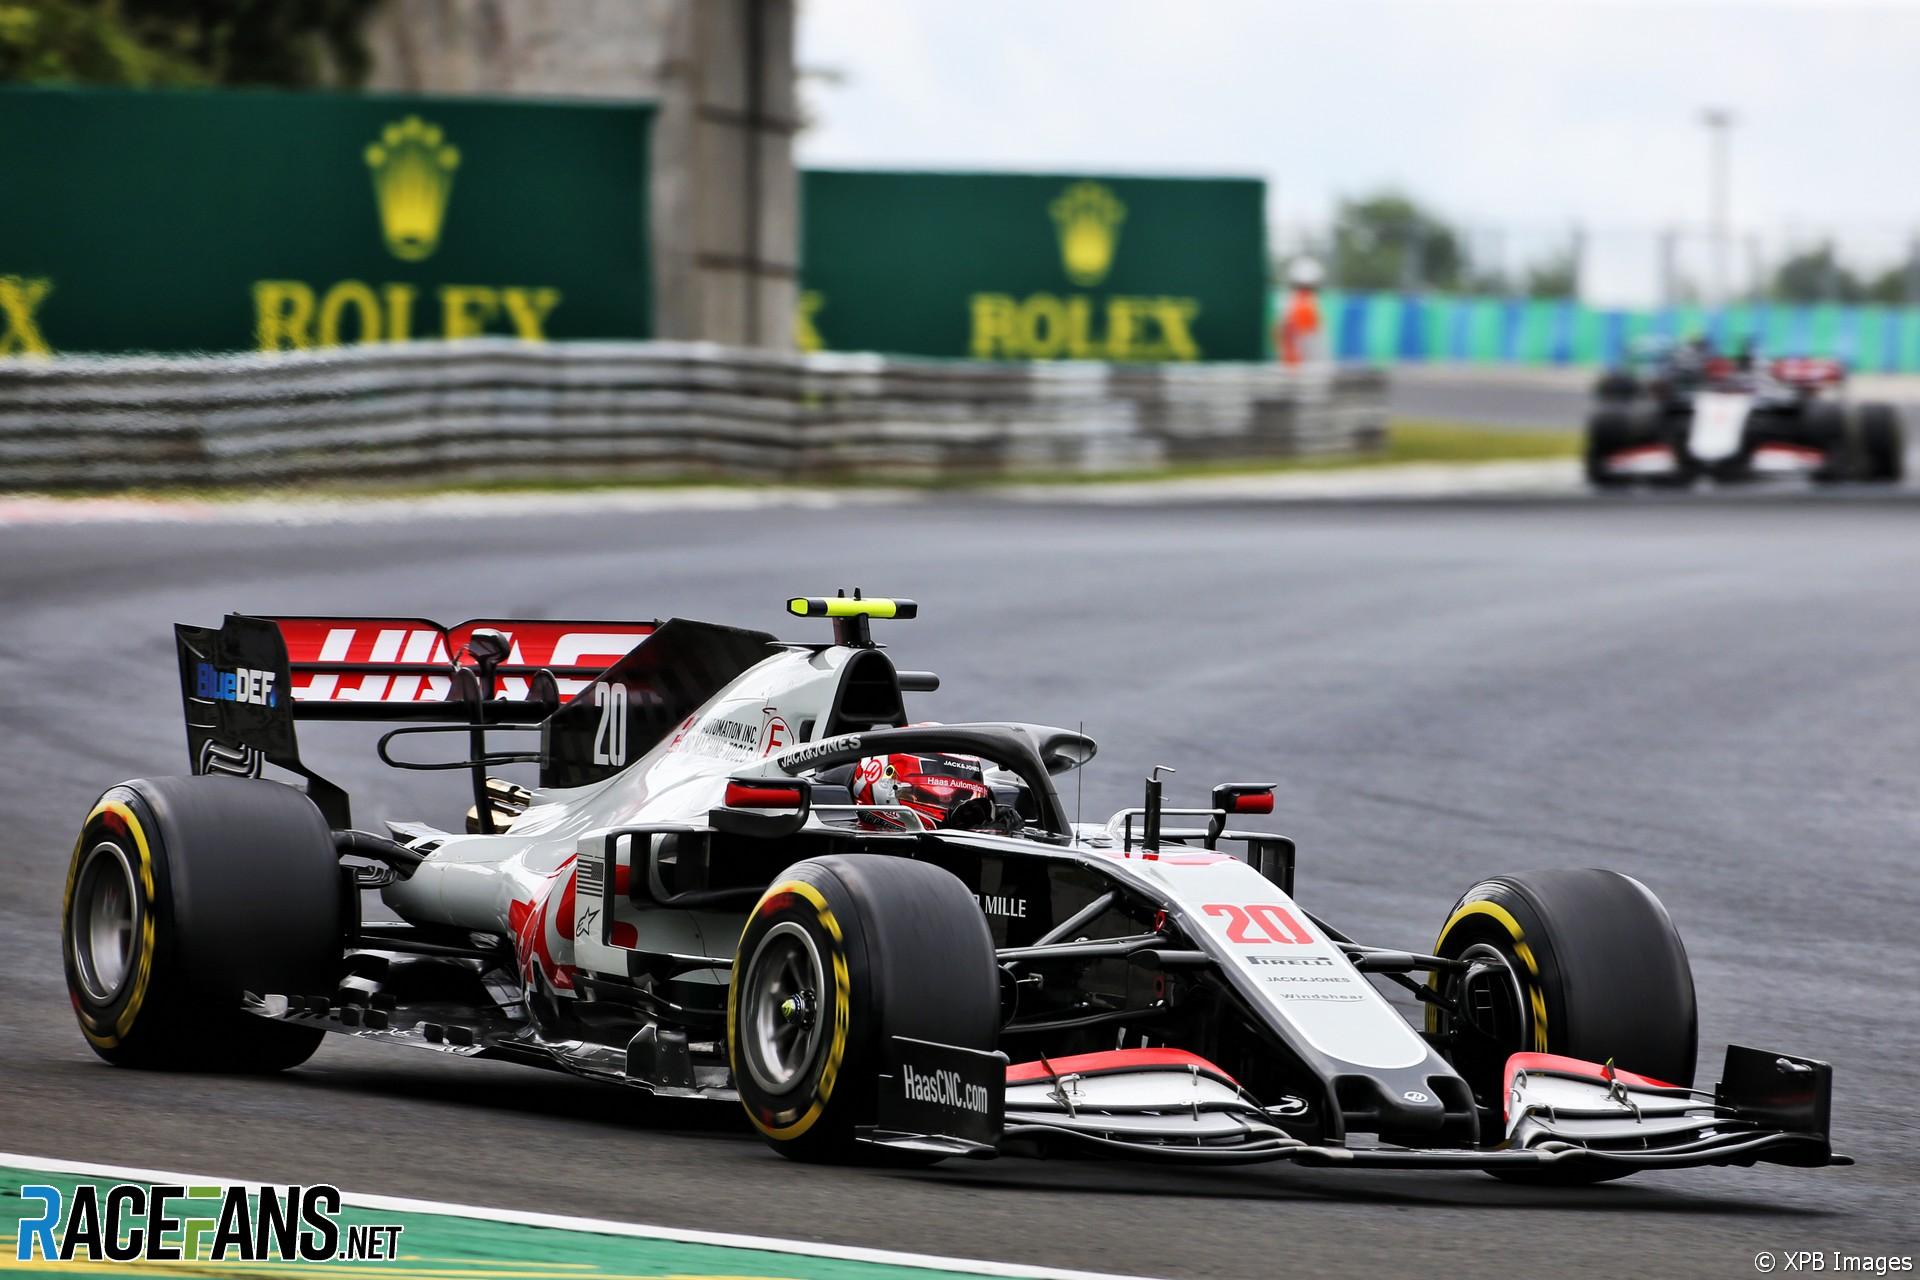 Kevin Magnussen, Haas, Hungaroring, 2020